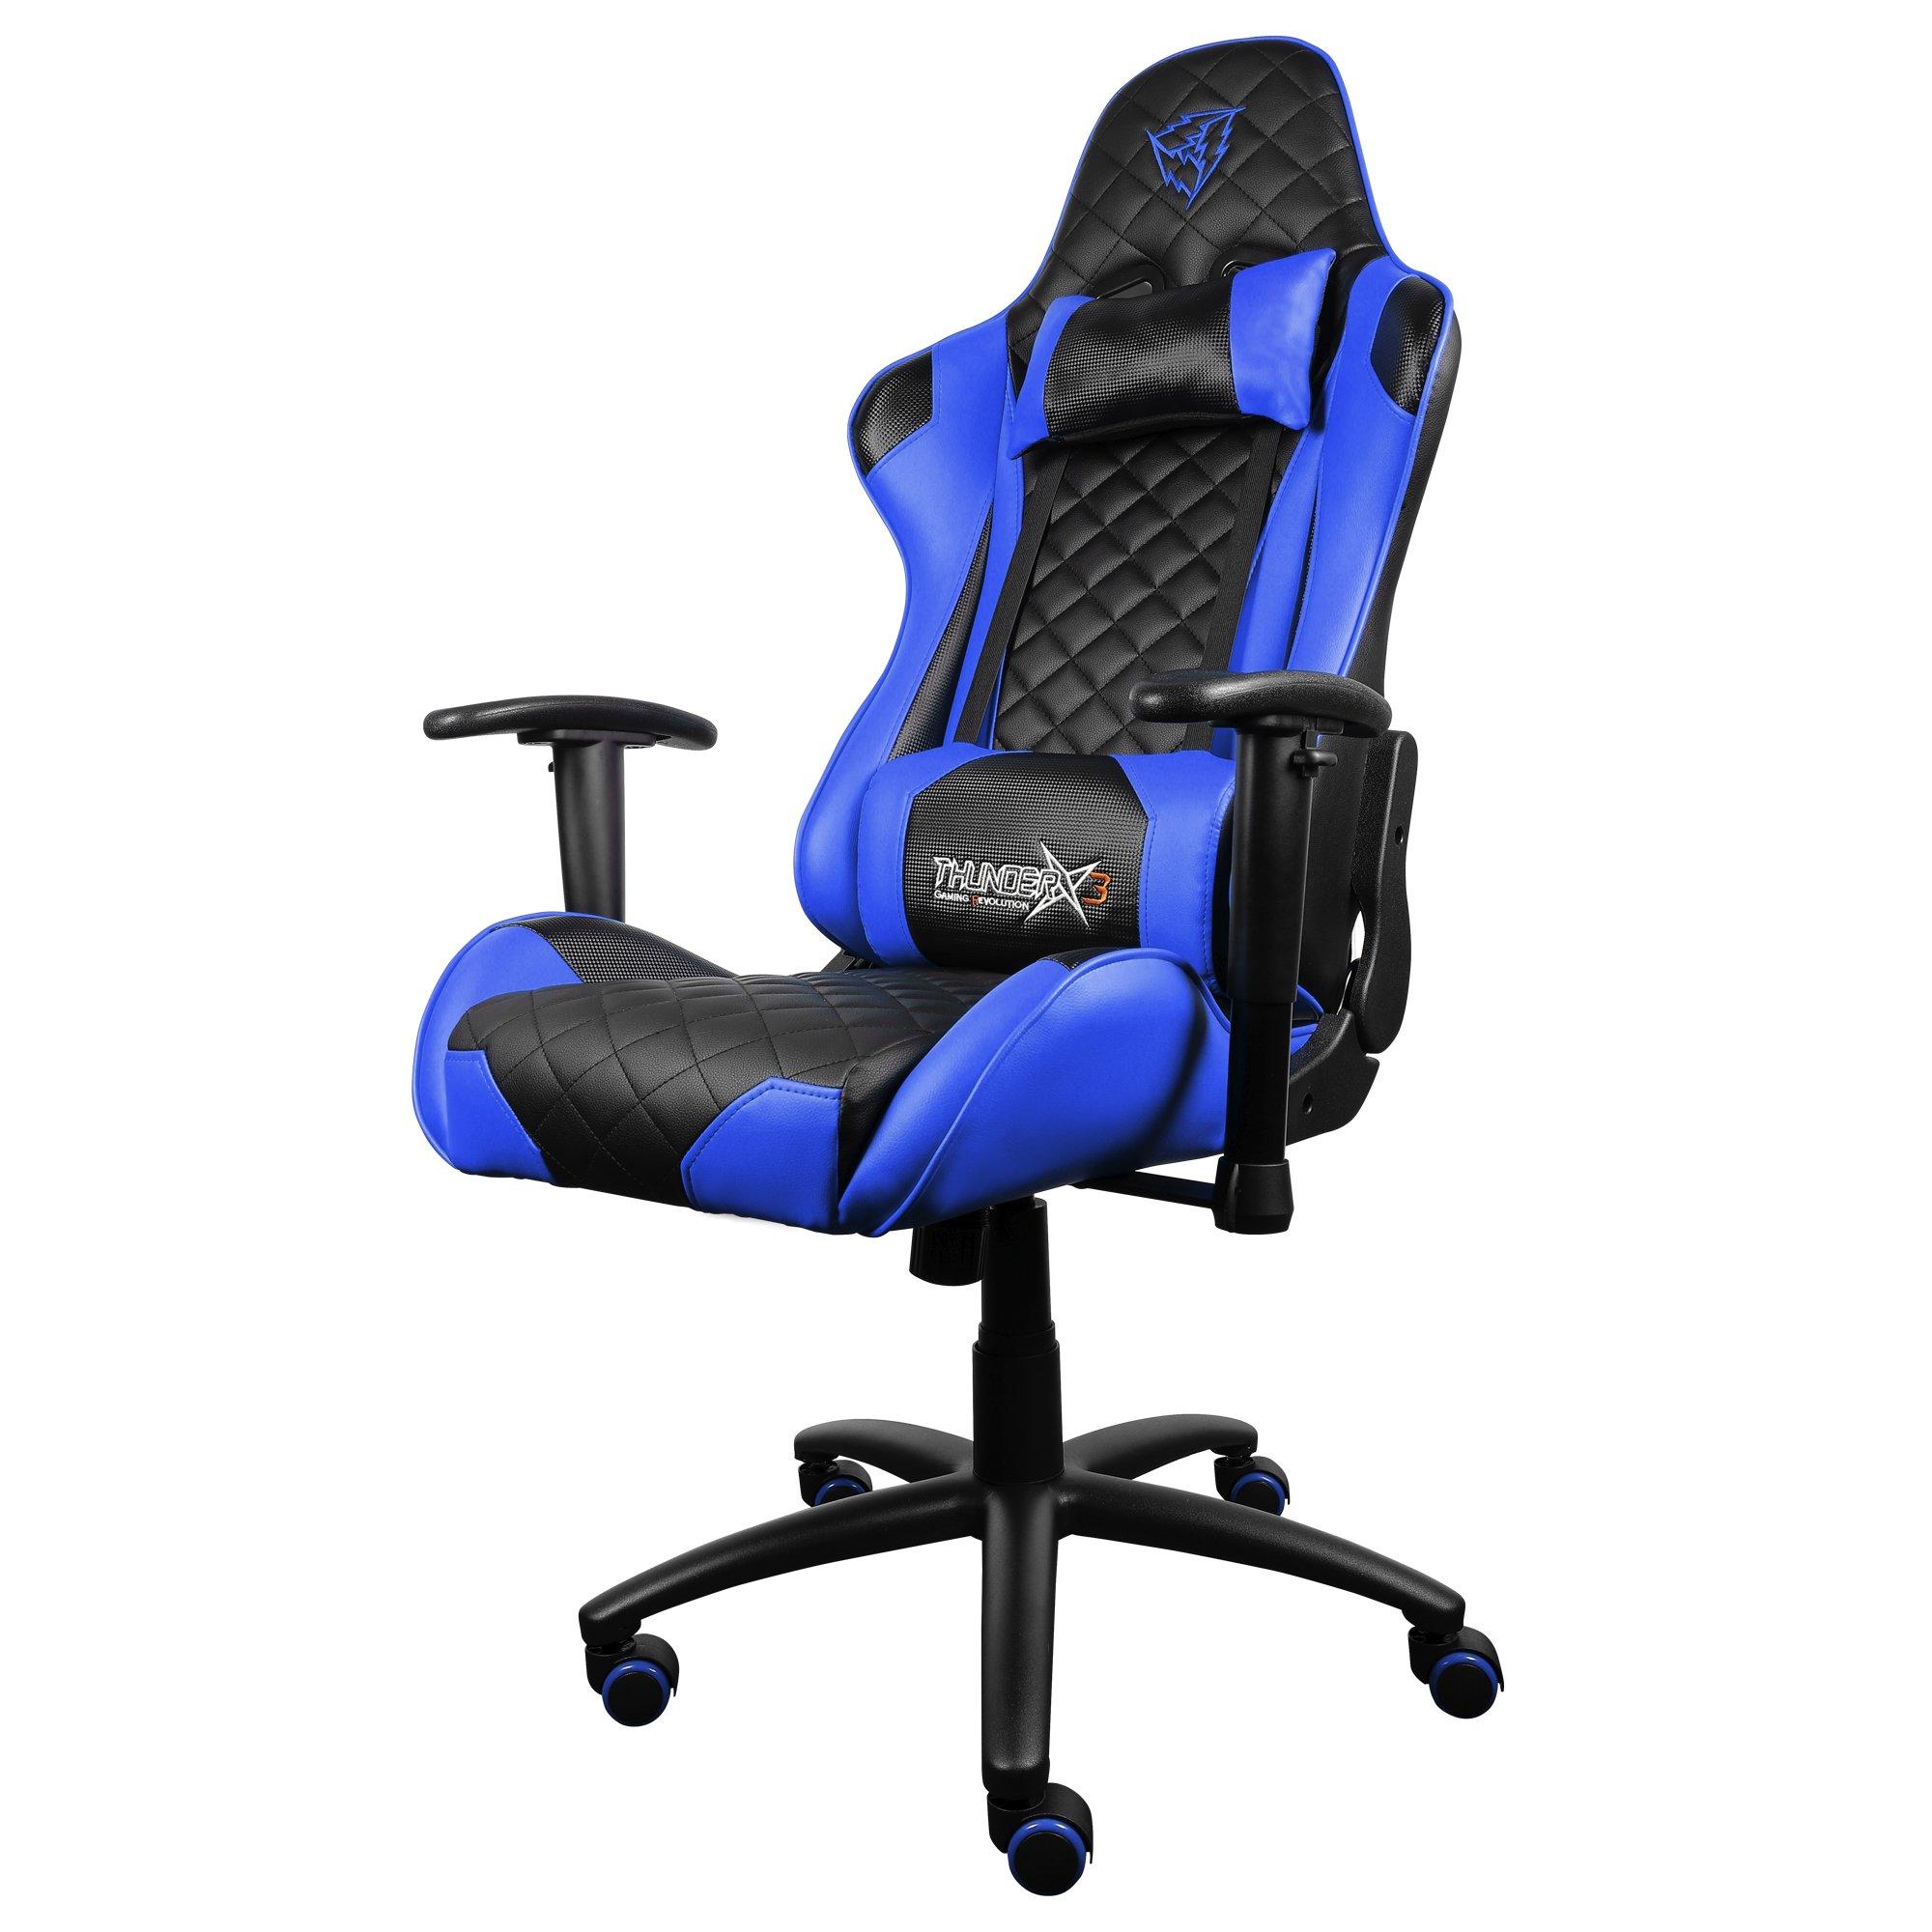 ThunderX3 TGC12BB- Silla gaming profesional- ( Estilo racing, Cuero sintetico, Inclinación y altura regulables, Apoyabrazos, Acolchada, Reposacabezas, Cojín lumbar) Color Azul y Negro